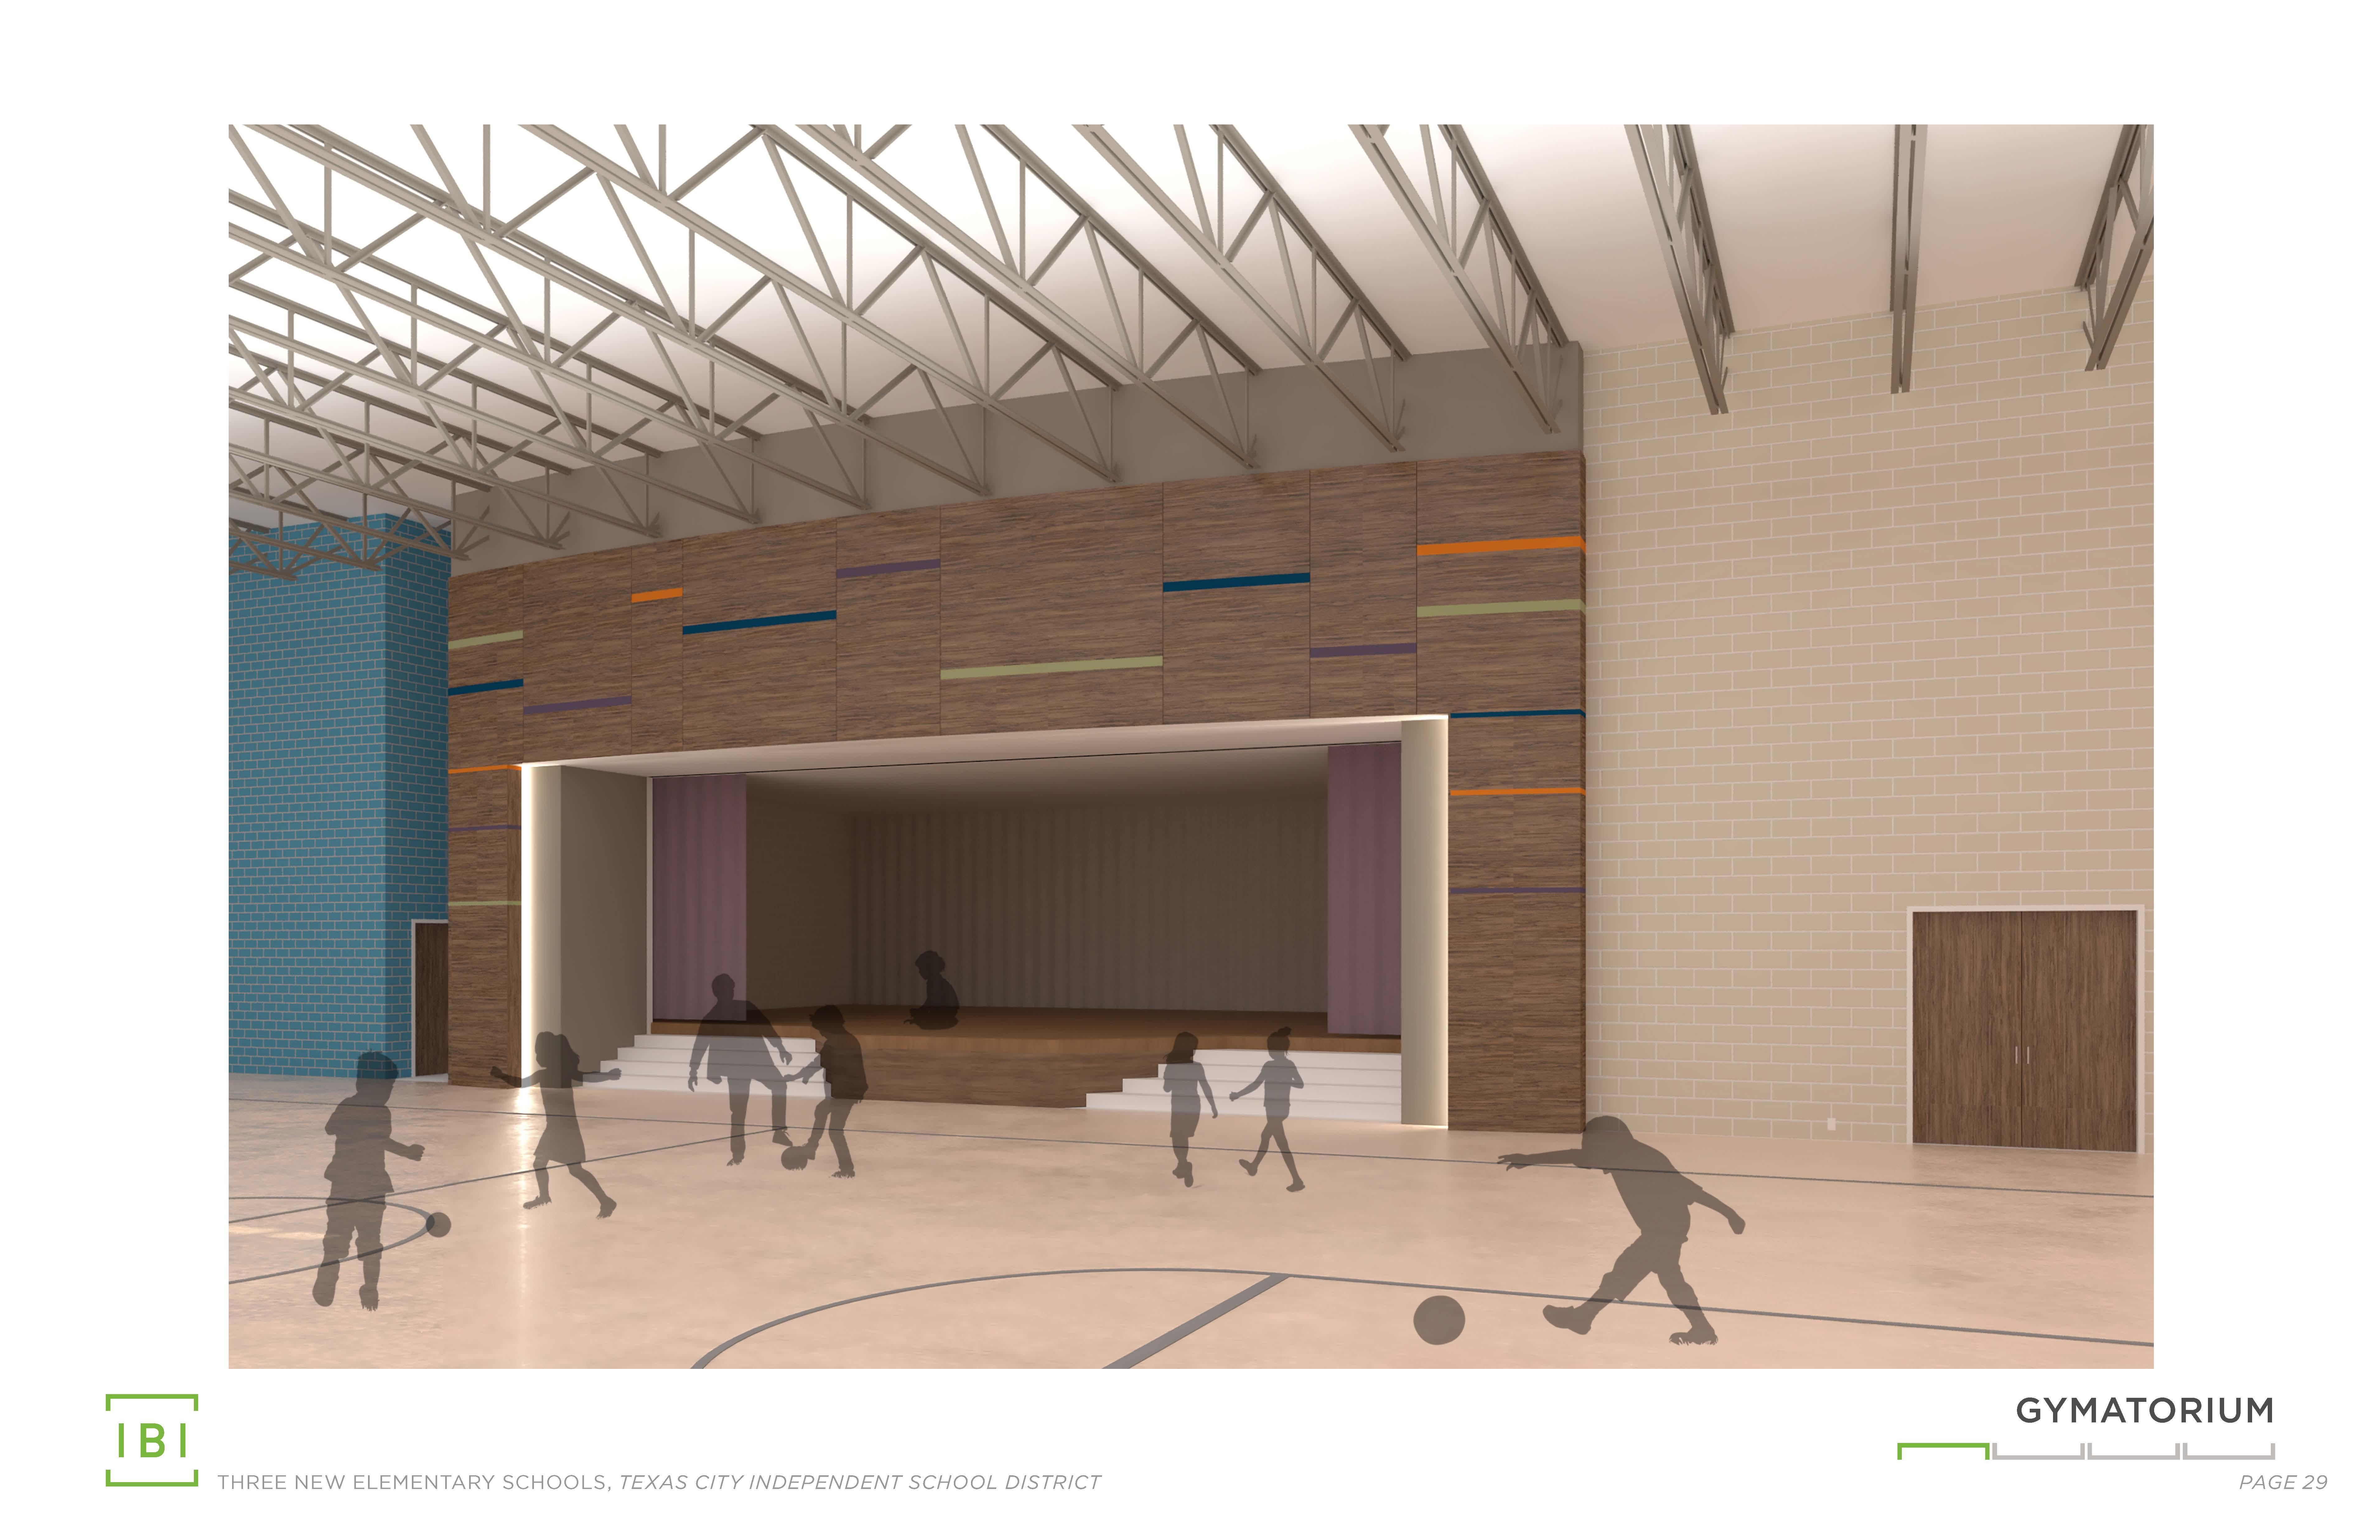 Gymatorium rendering